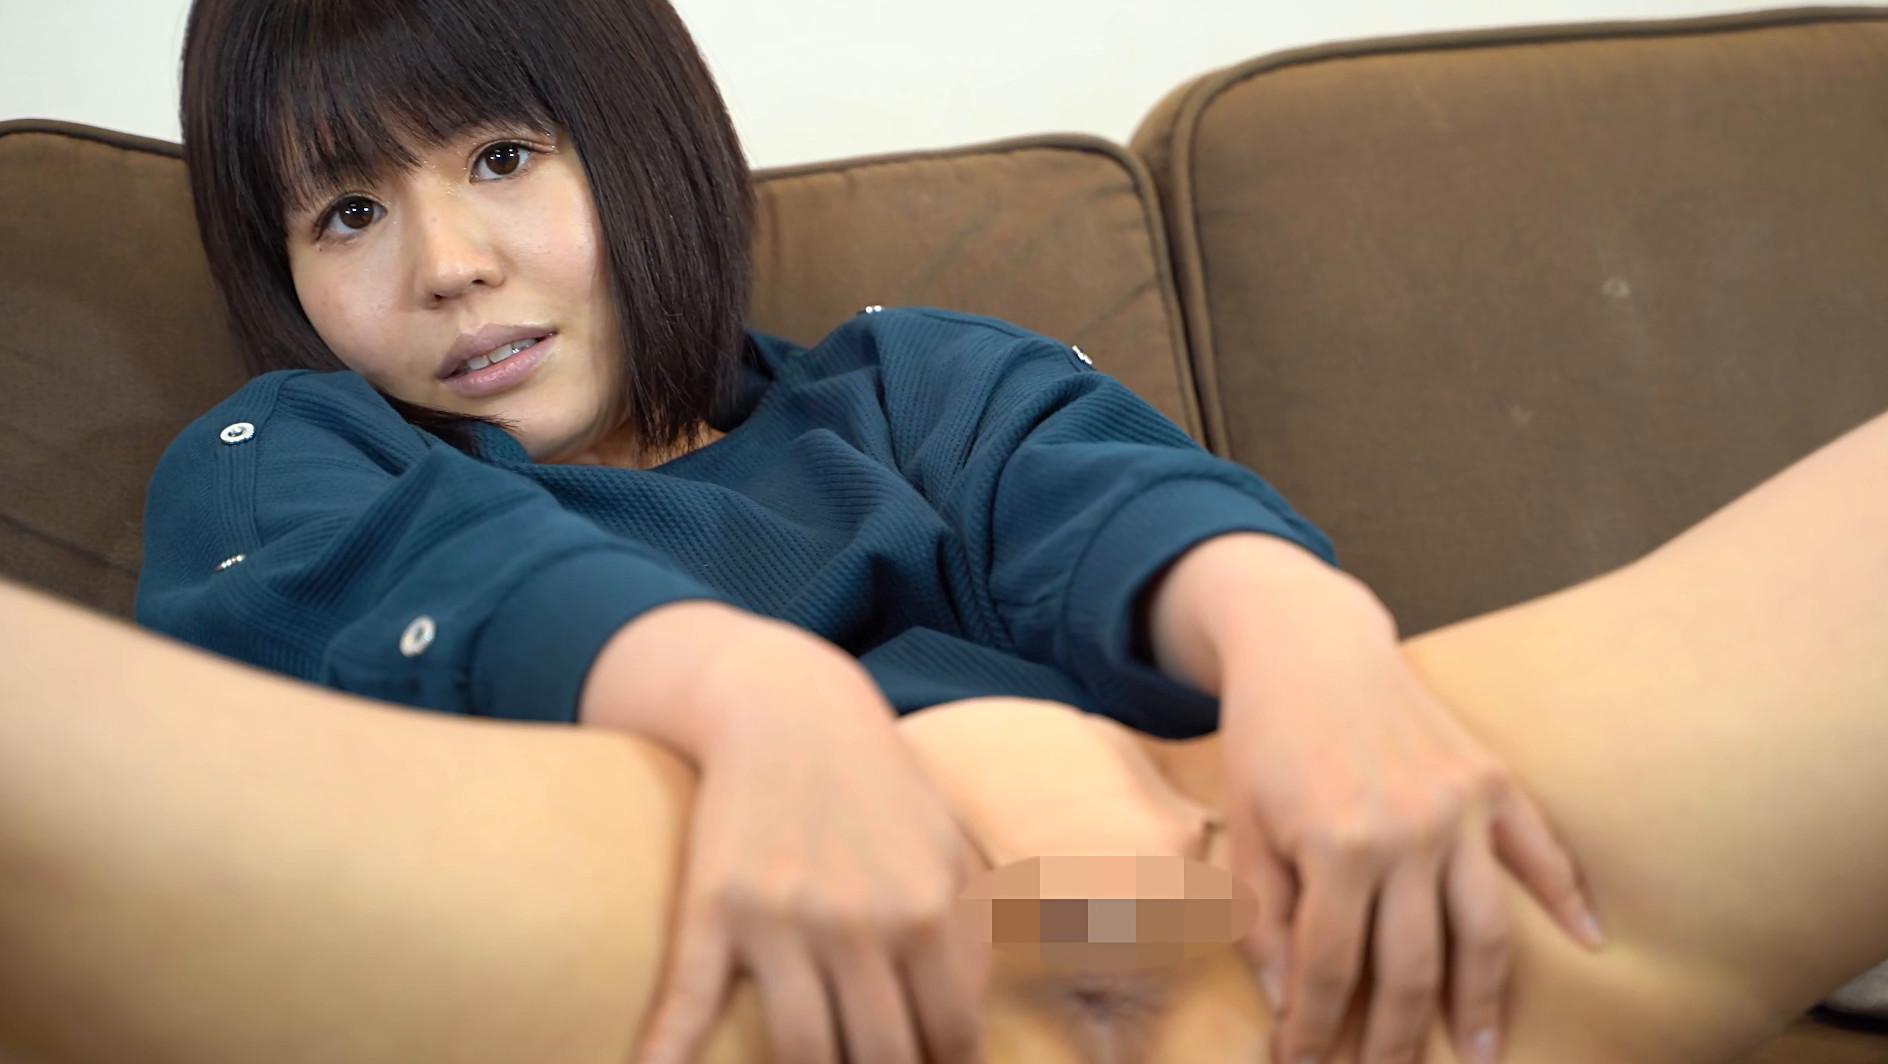 アナルを見せるのはイイけど、オ●ンコは・・・嫌だから前貼りを自分で貼ってお尻の穴を見せてあげる 長谷部智美 画像11